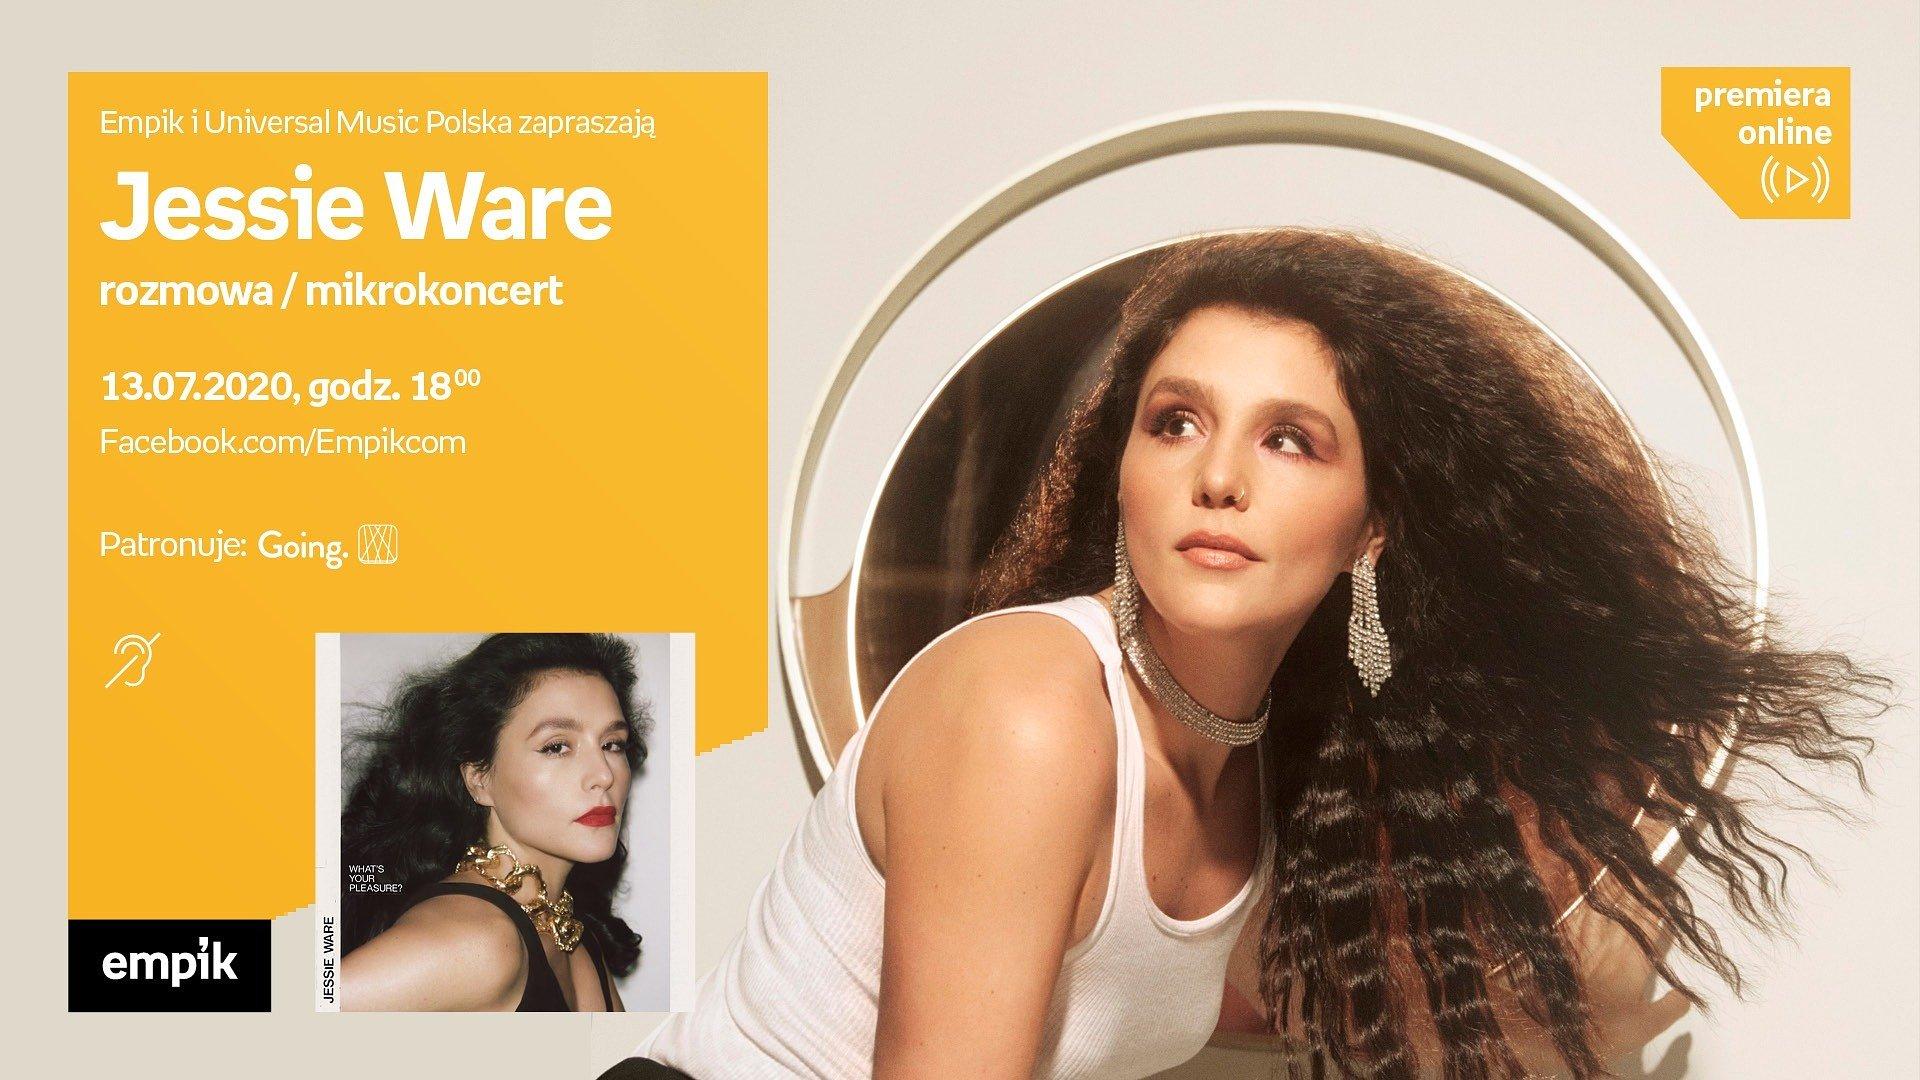 Jessie Ware w cyklu Empiku #premieraonline z mikrokoncertem